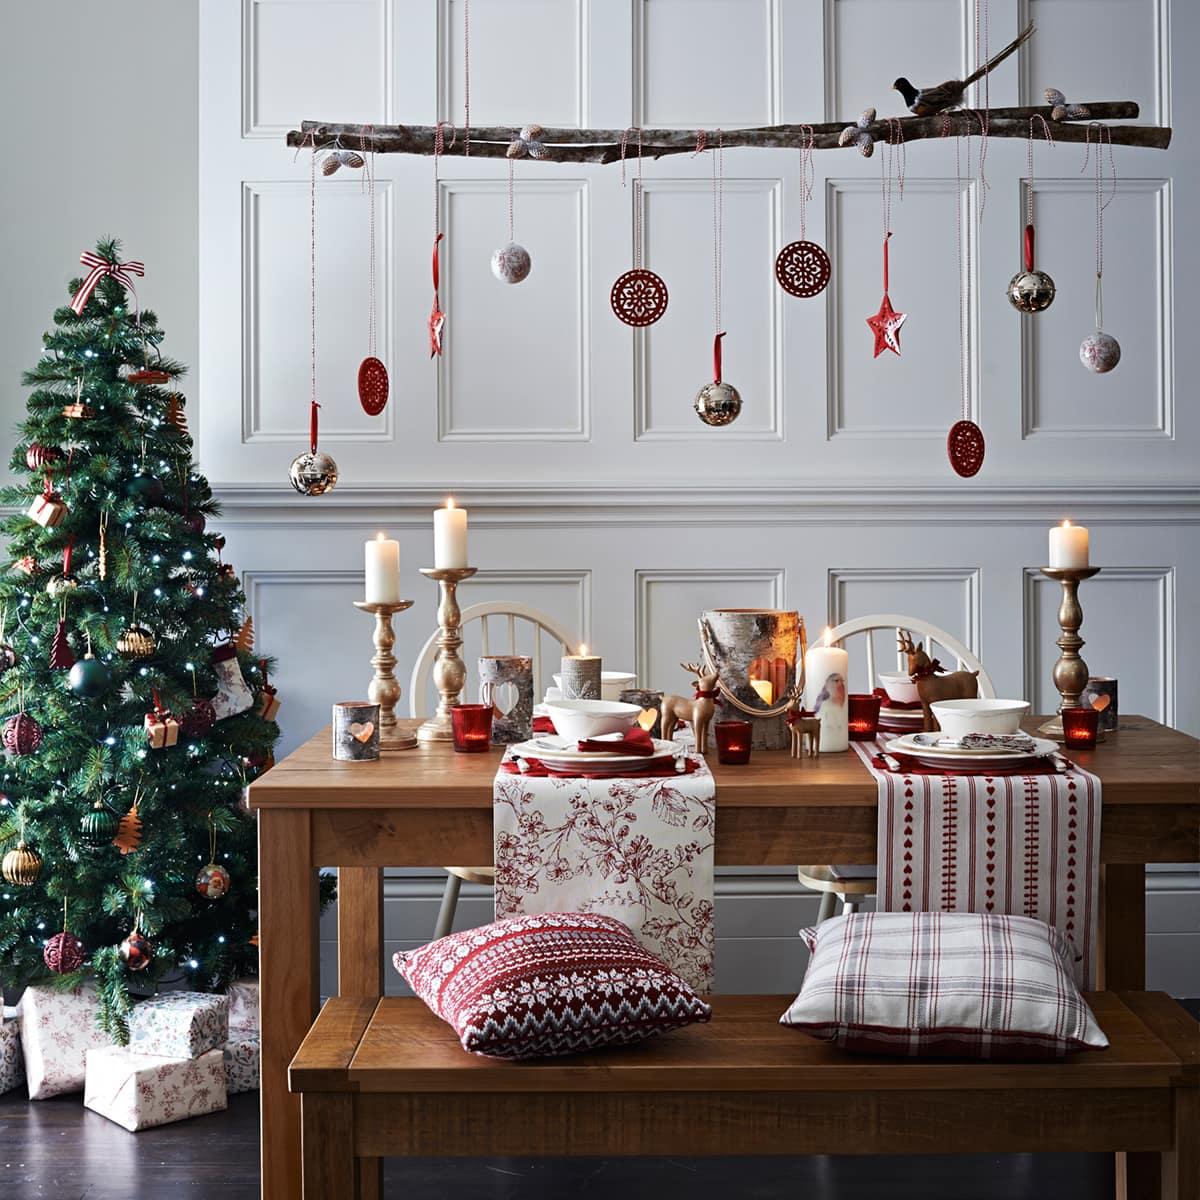 Ёлка, установленная возле обеденного стола - отличный способ провести время с семьей за ужином, в особой праздничной атмосфере